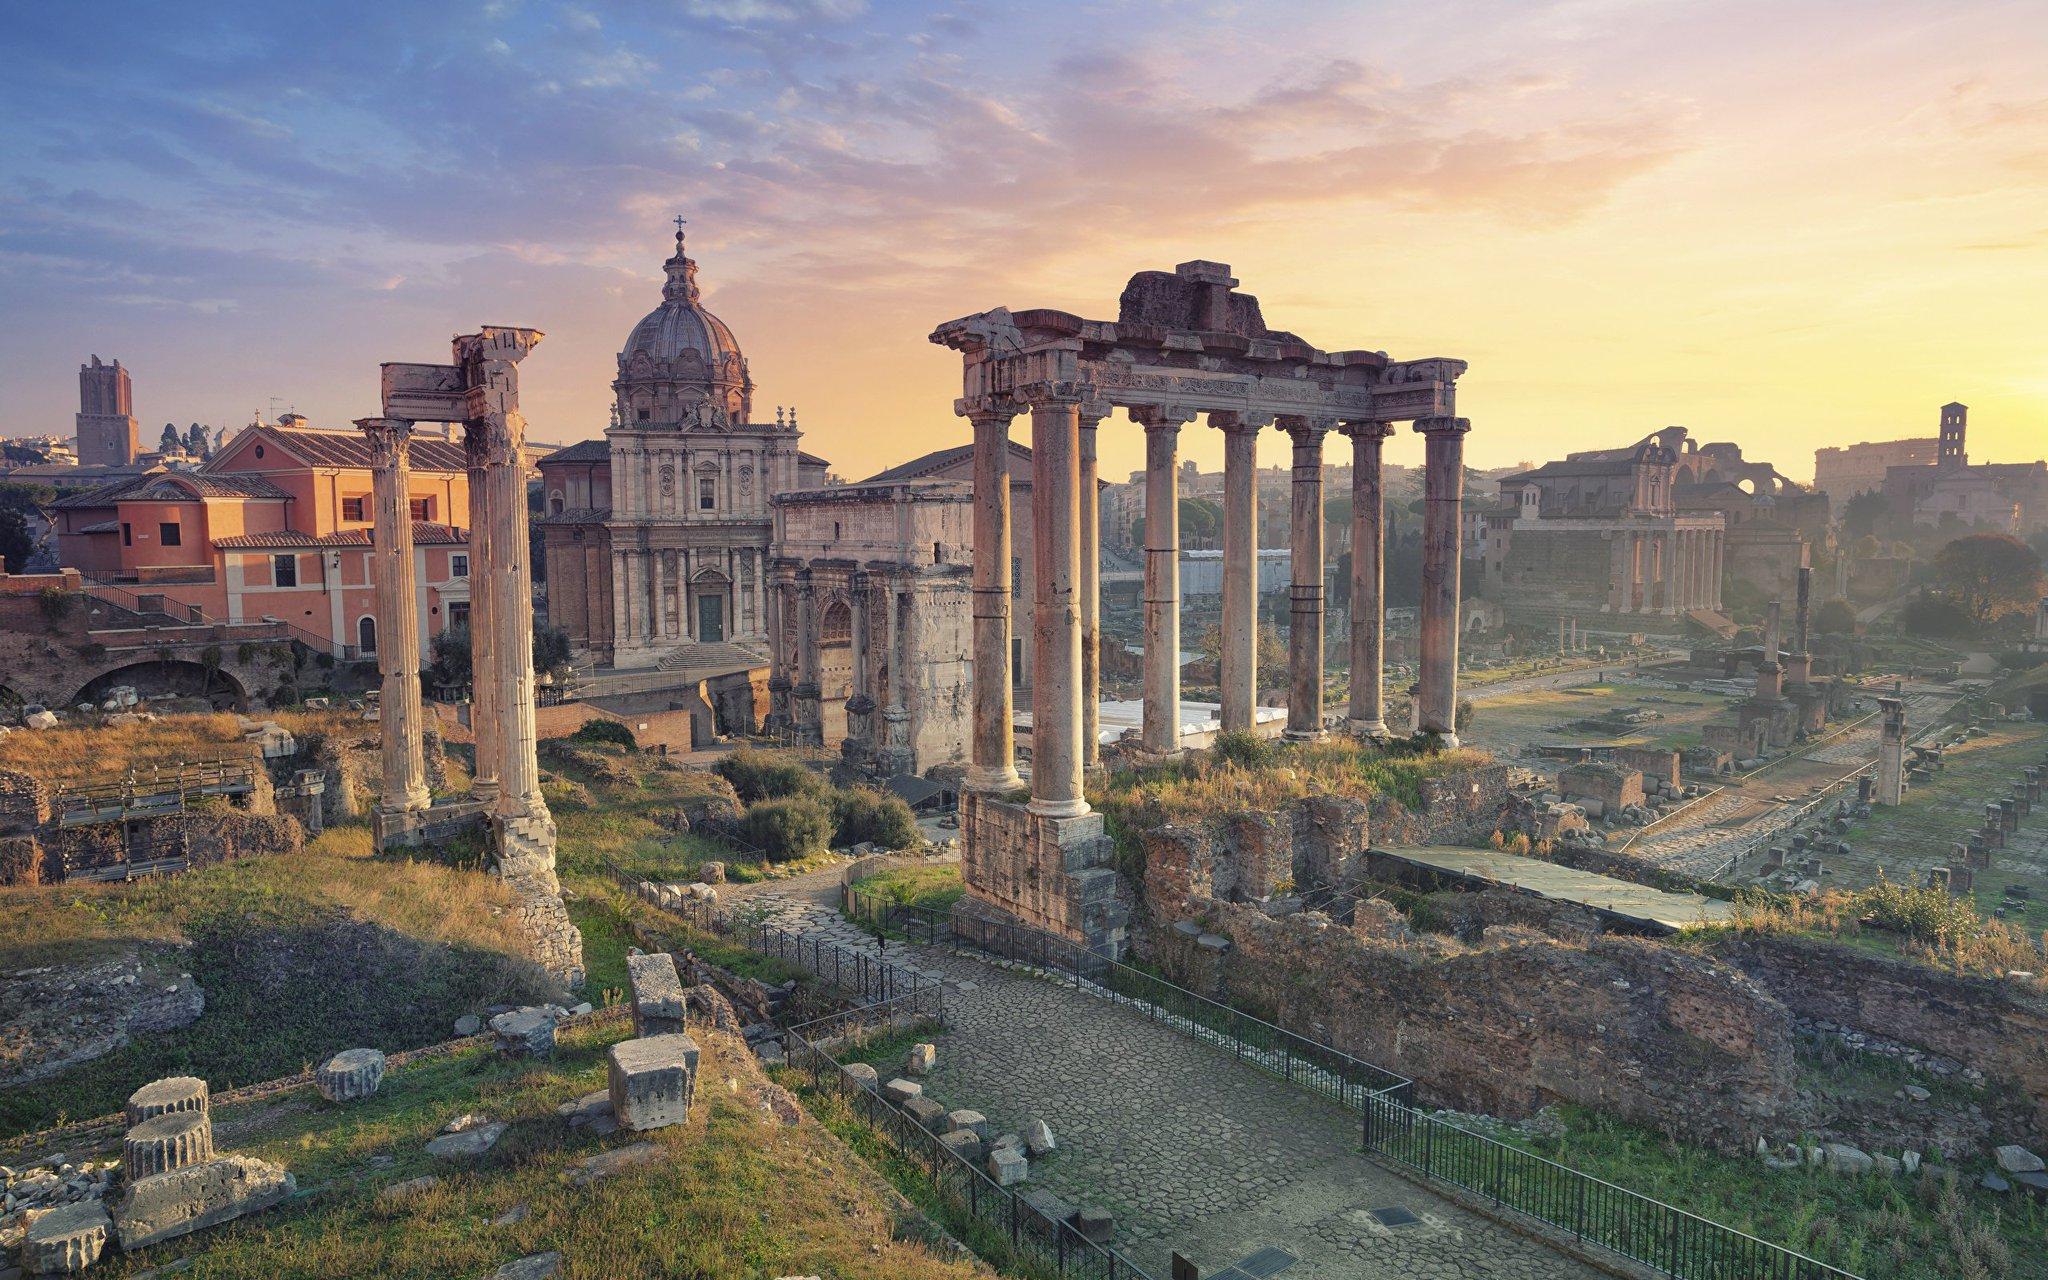 Красивые картинки древнего города своей странице